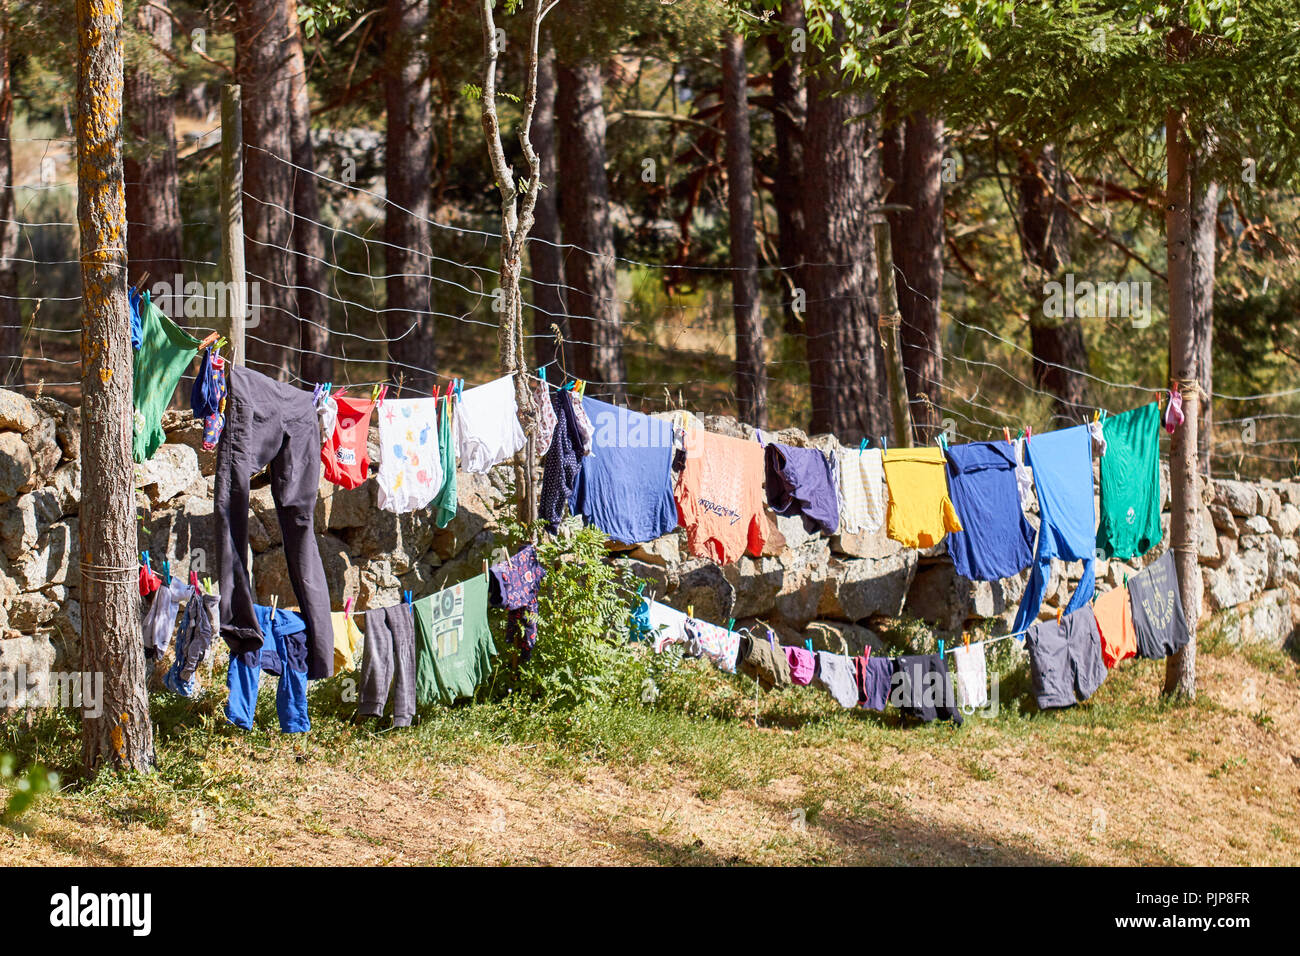 Wäscheleine in einem Campingplatz Stockbild